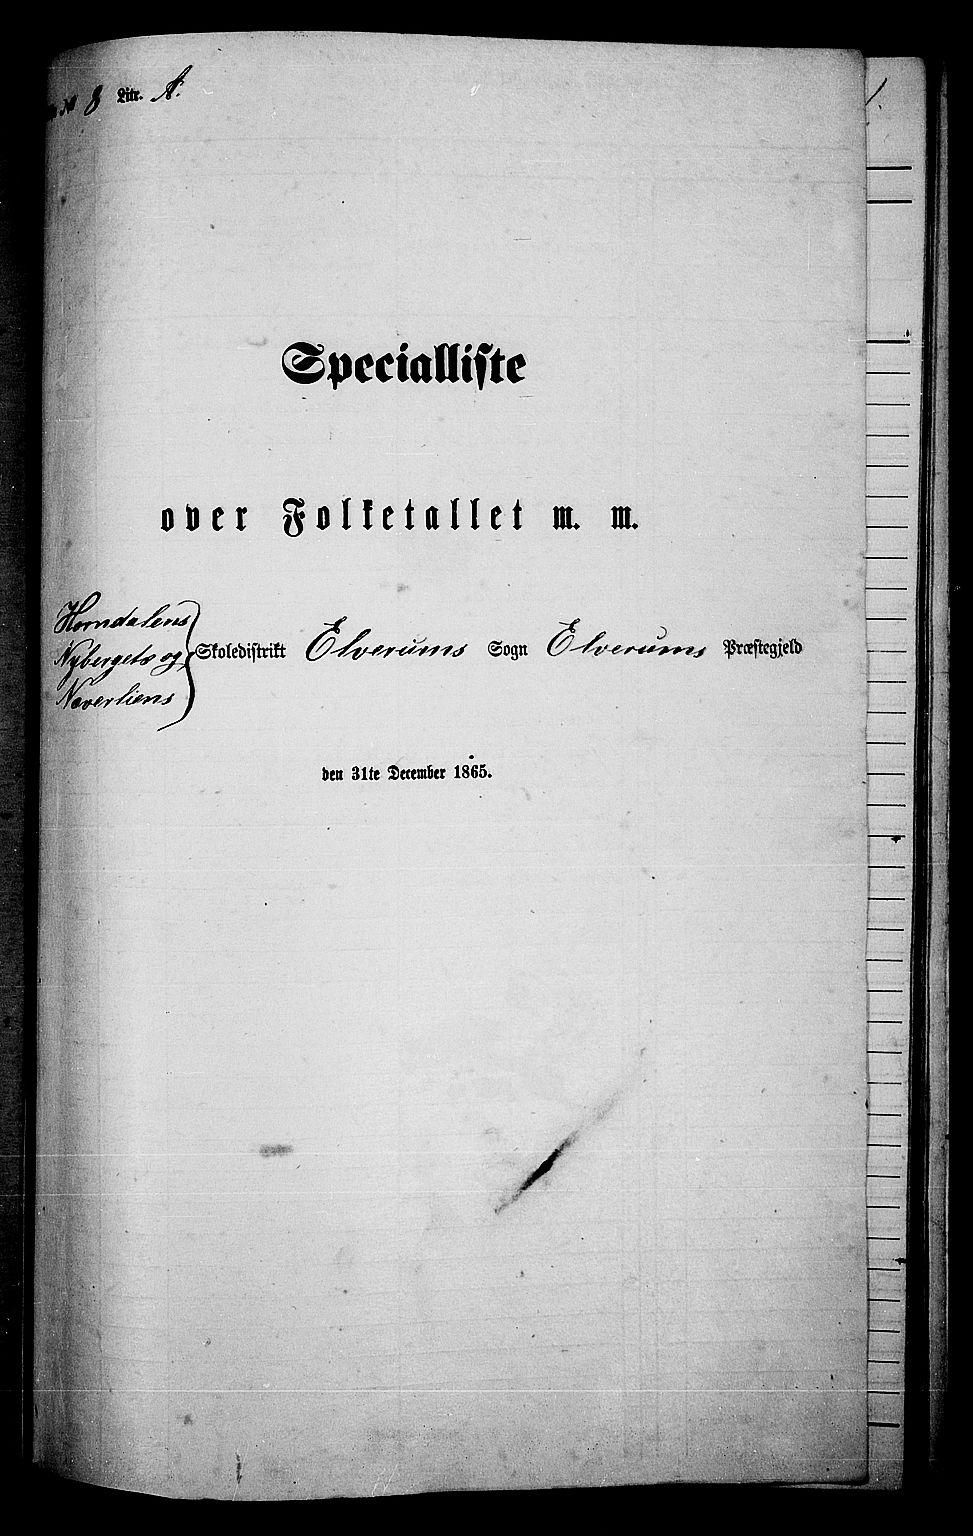 RA, Folketelling 1865 for 0427P Elverum prestegjeld, 1865, s. 183